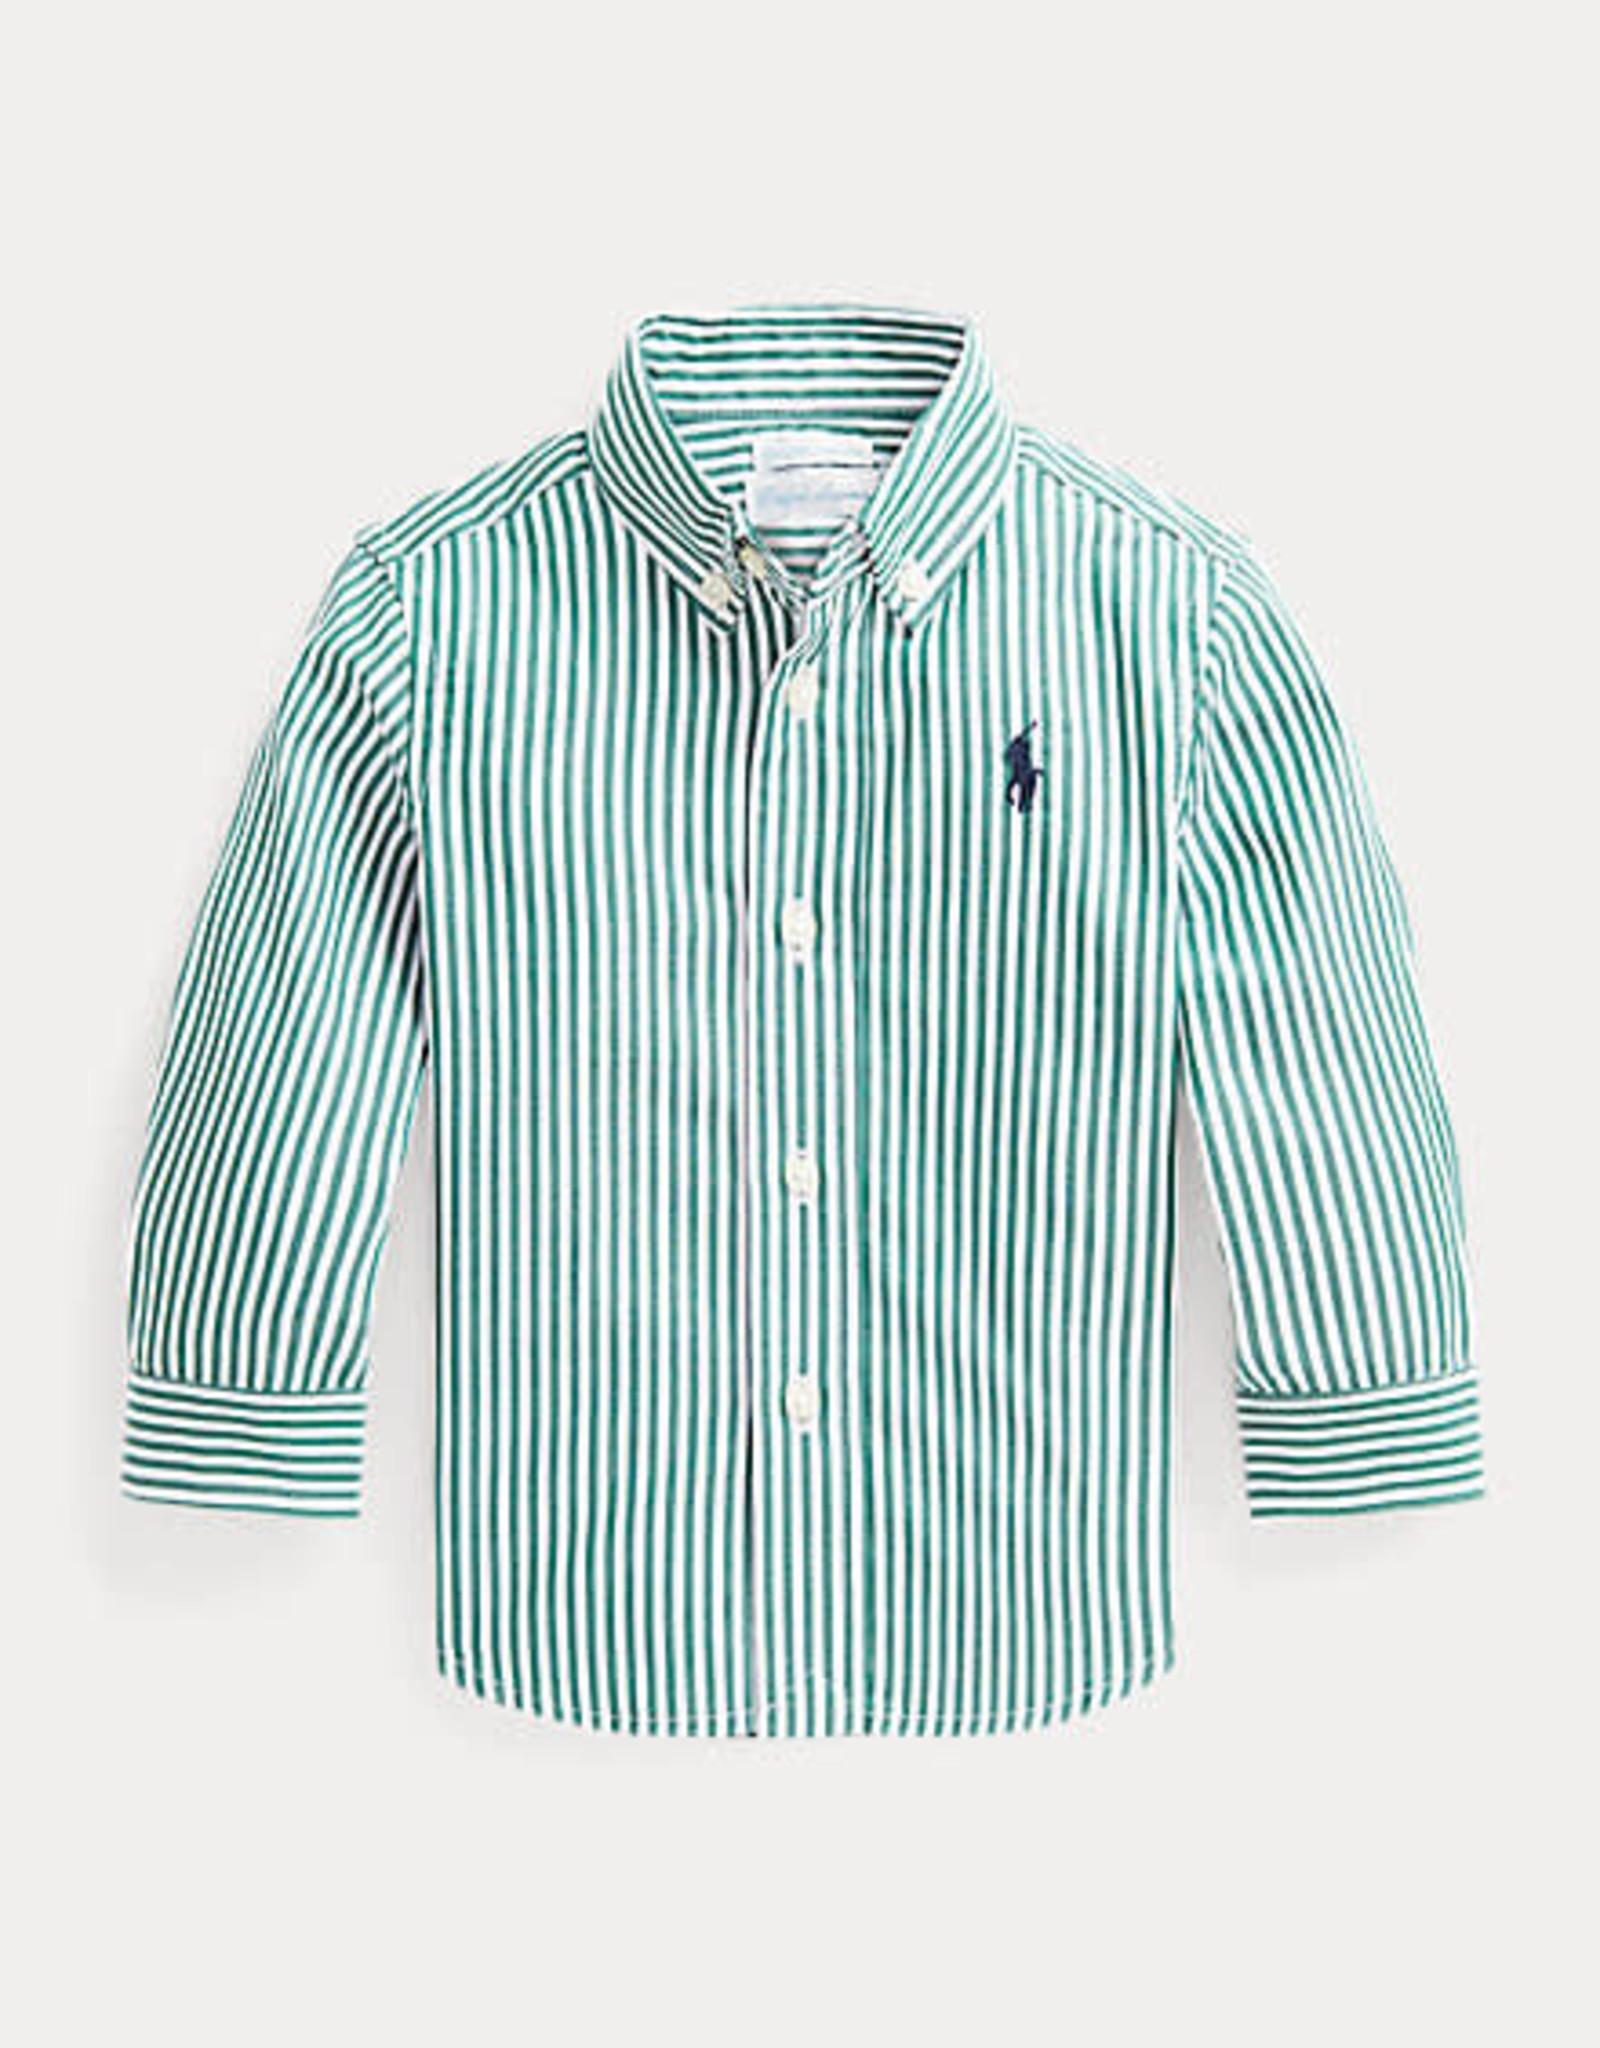 RALPH LAUREN Ls Bd-Tops-Shirt New Forest Multi